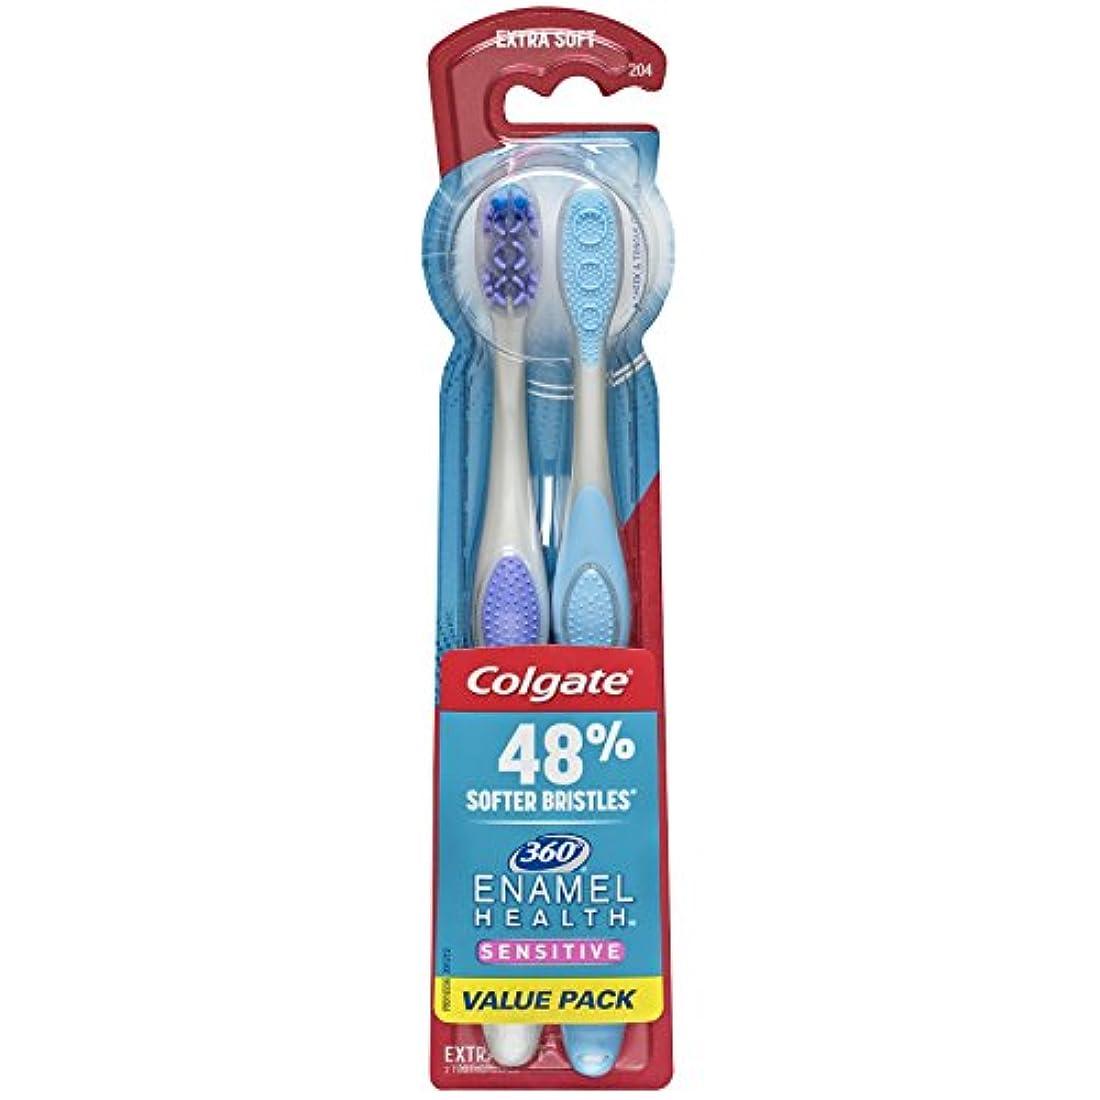 粘性のキャメル装置Colgate エナメル健康に敏感な歯ブラシ、エクストラソフト、2カラット